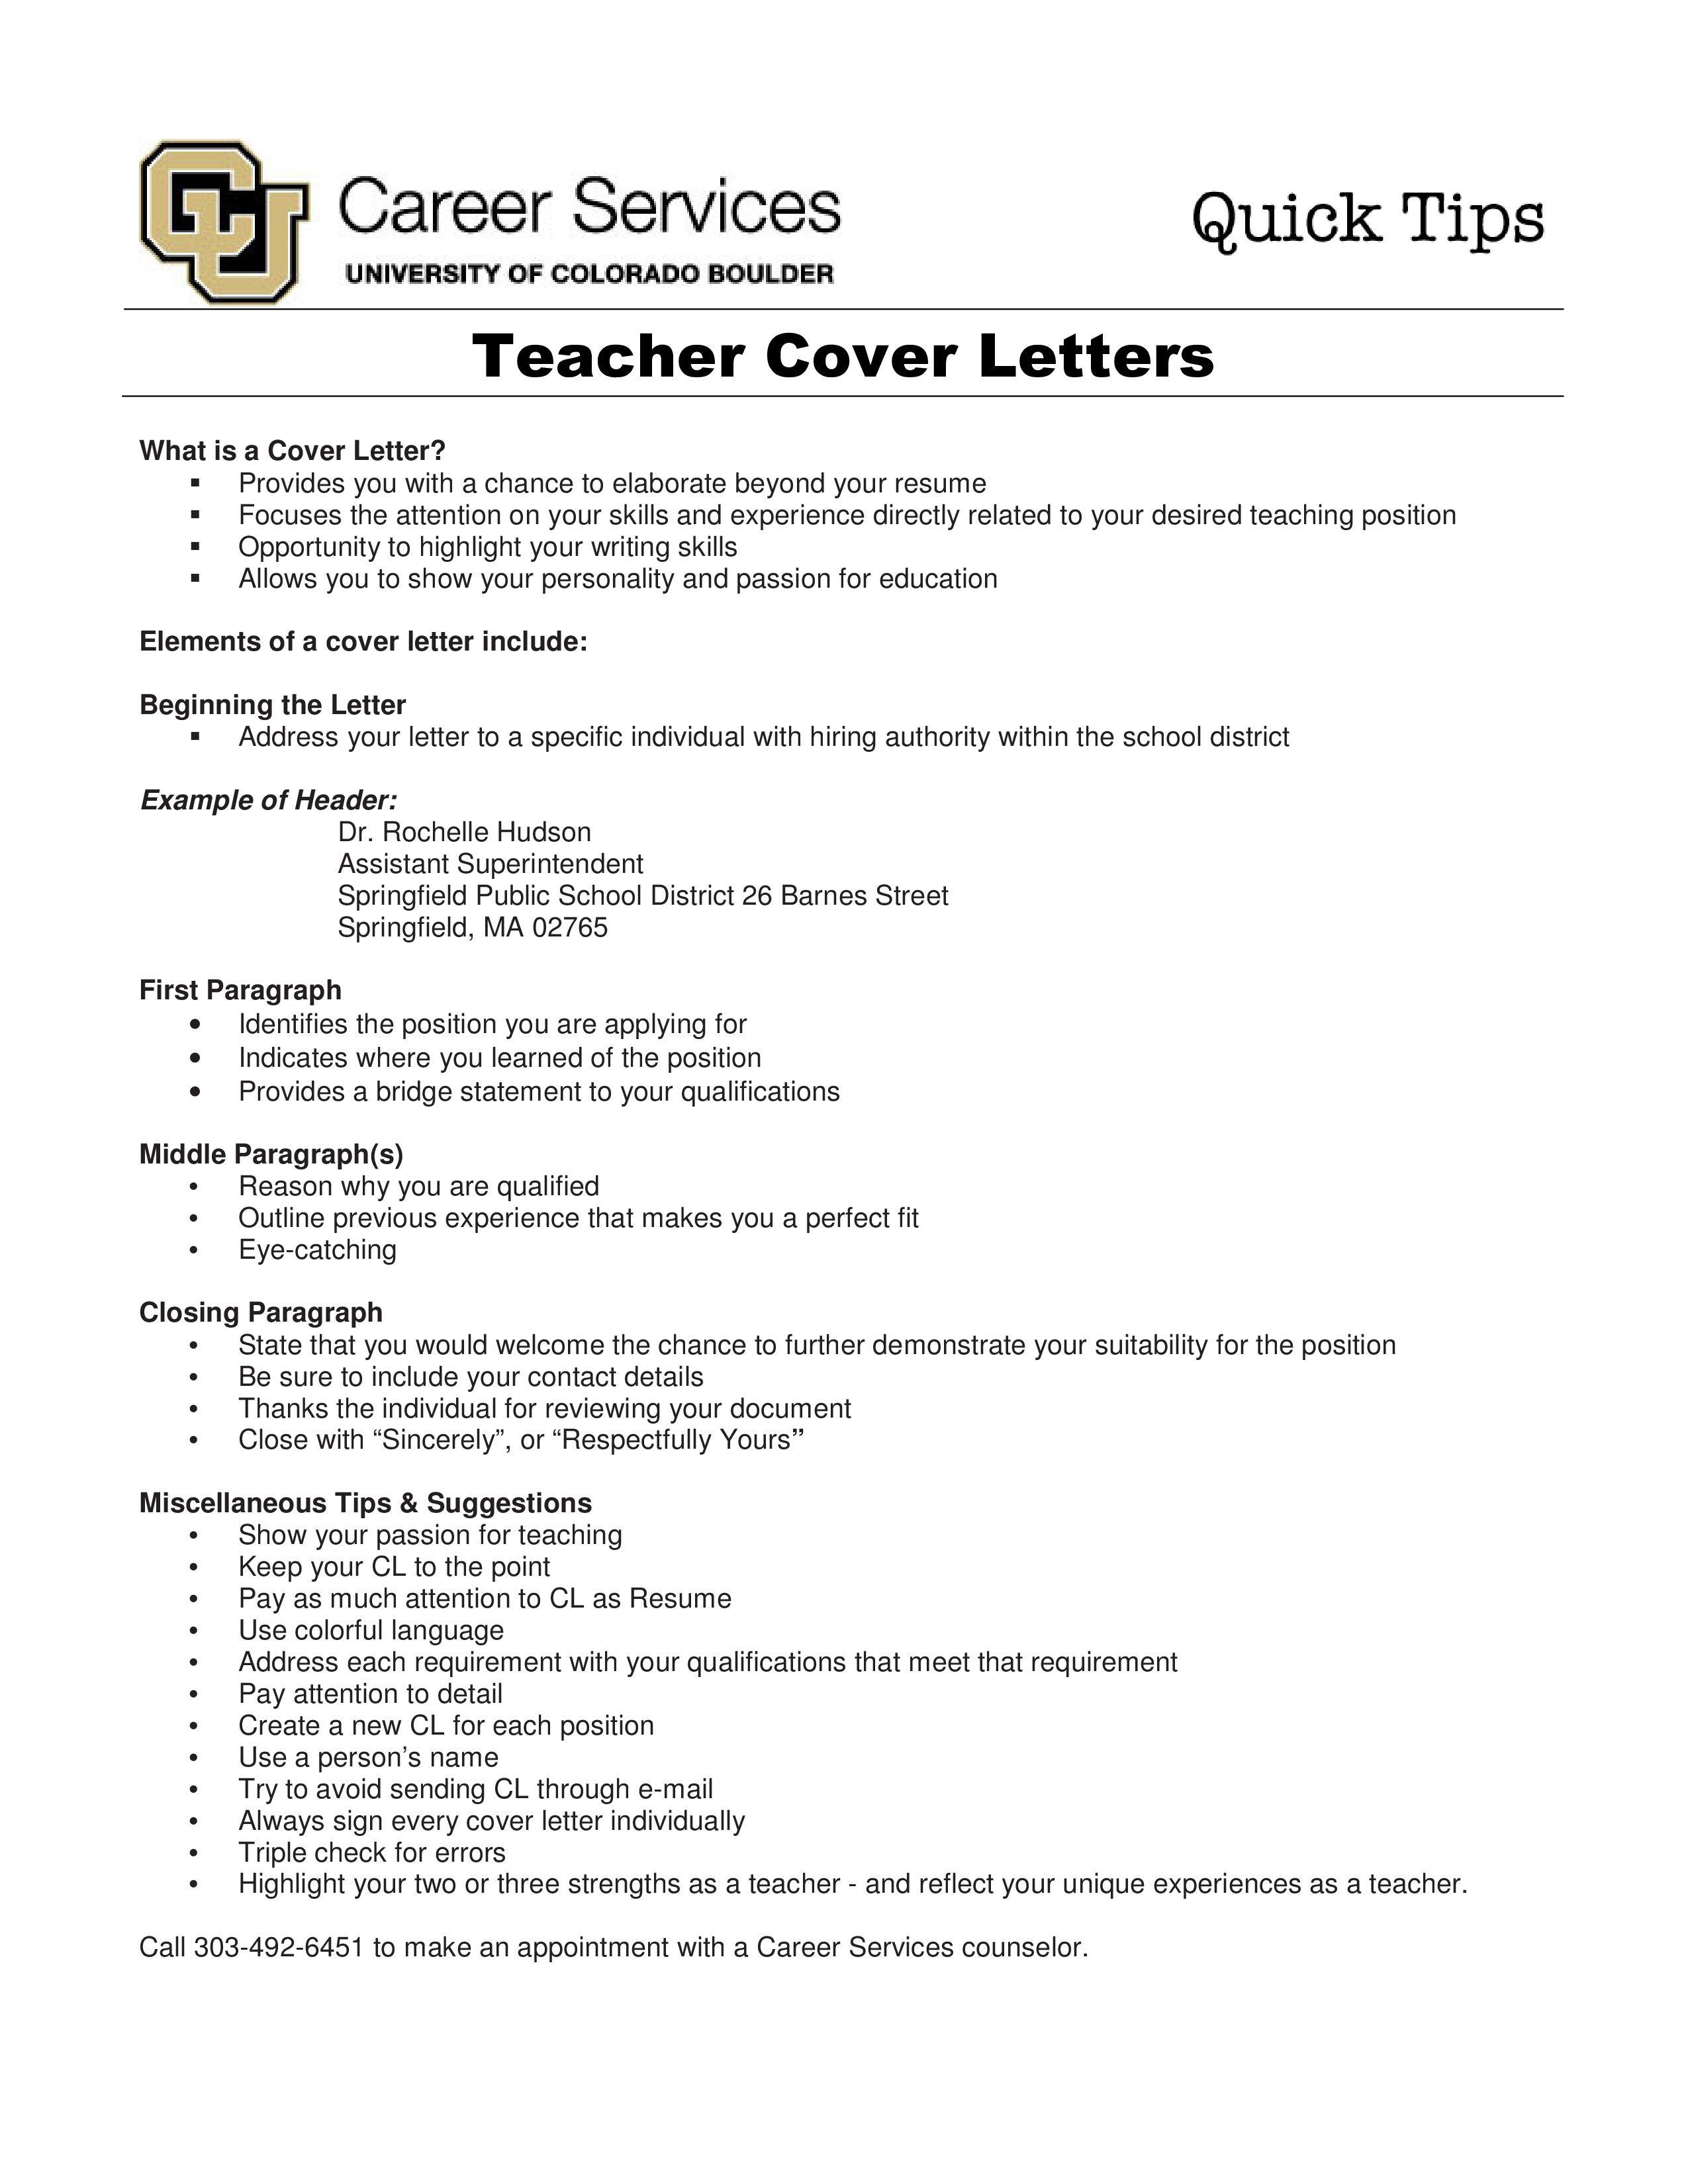 000 Wonderful Teacher Cover Letter Template Idea  Teaching JobFull